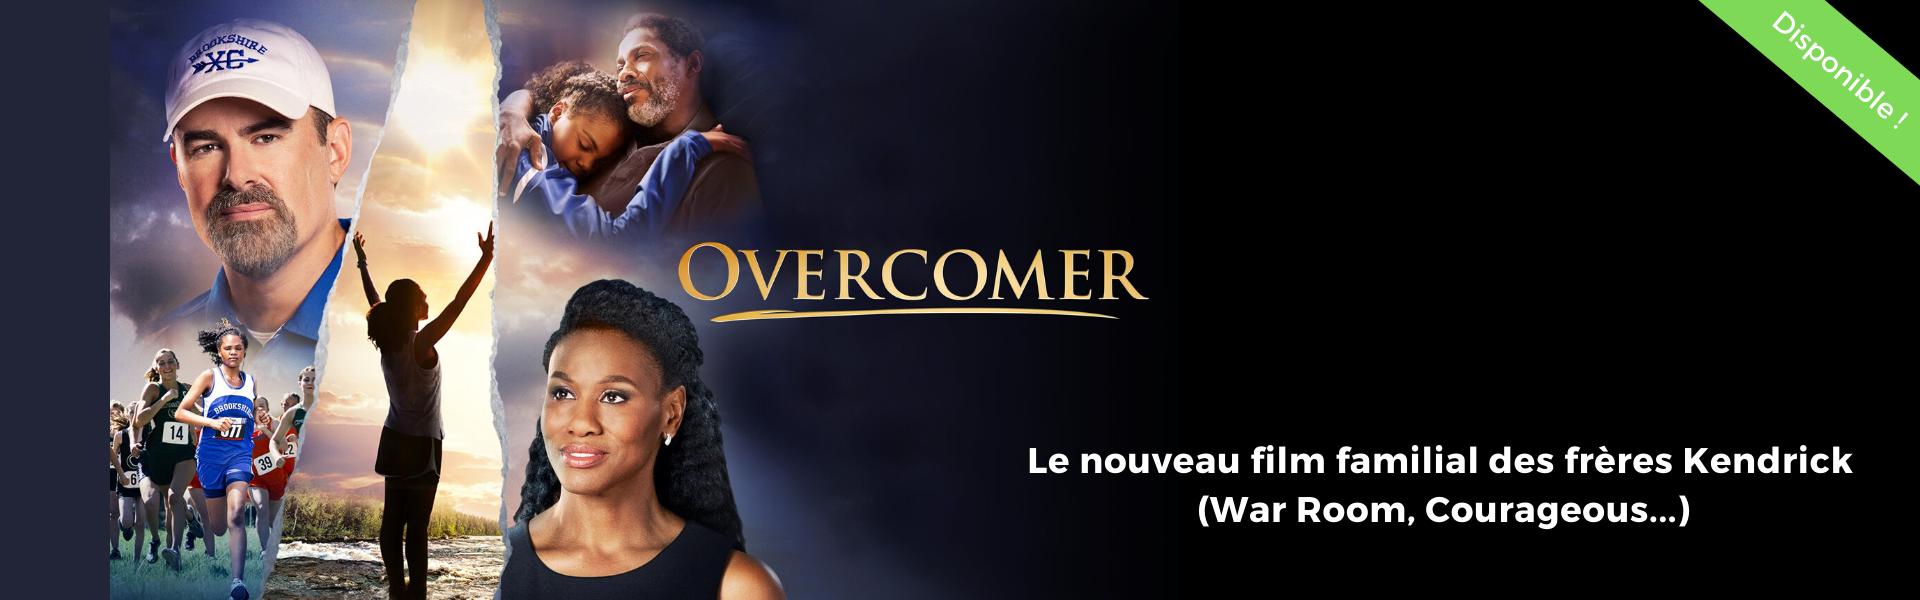 DVD Overcomer